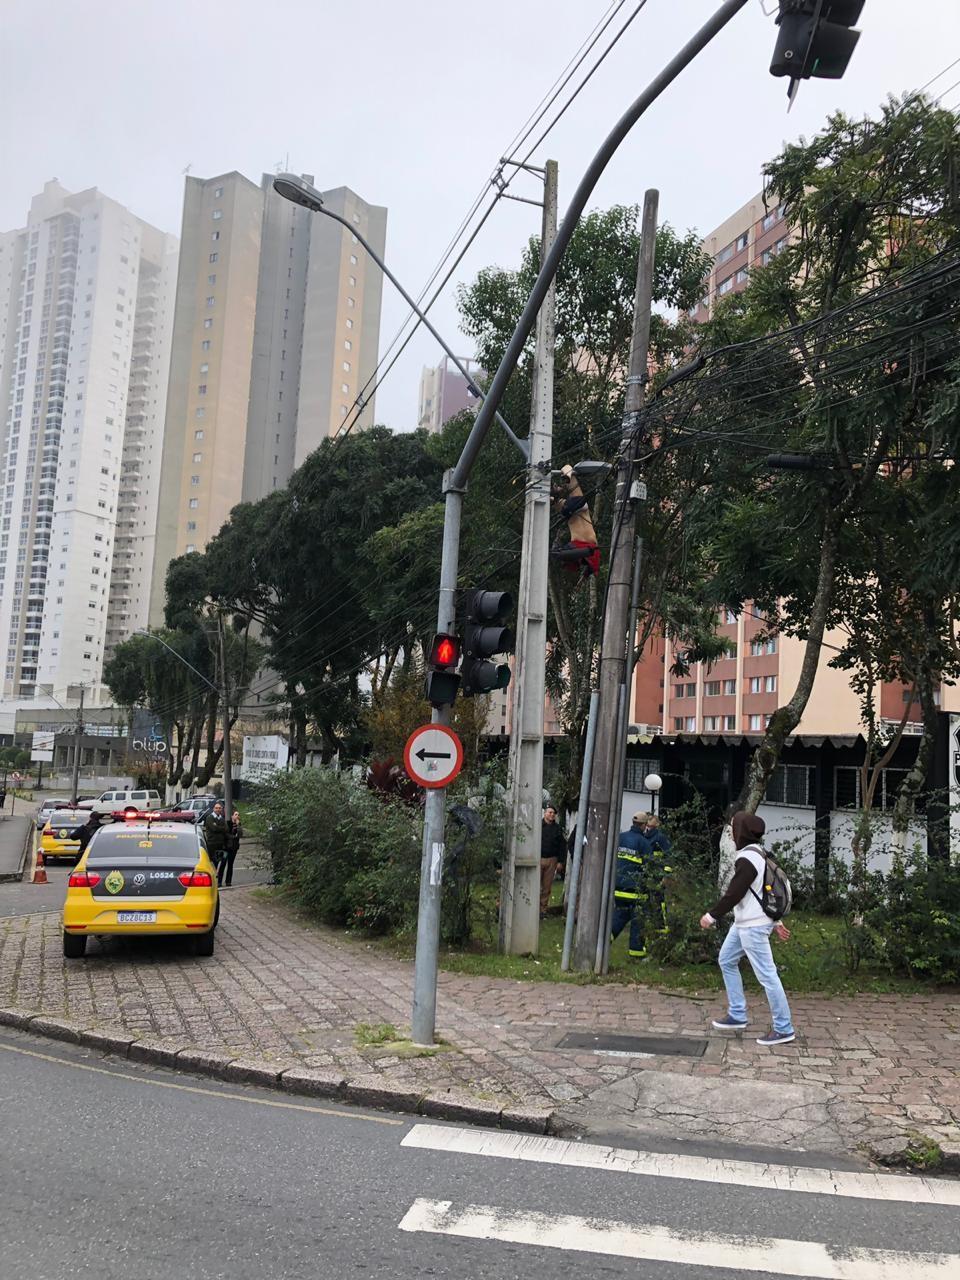 Homem fica gravemente ferido após ficar pendurado em poste de luz em Curitiba  - Notícias - Plantão Diário